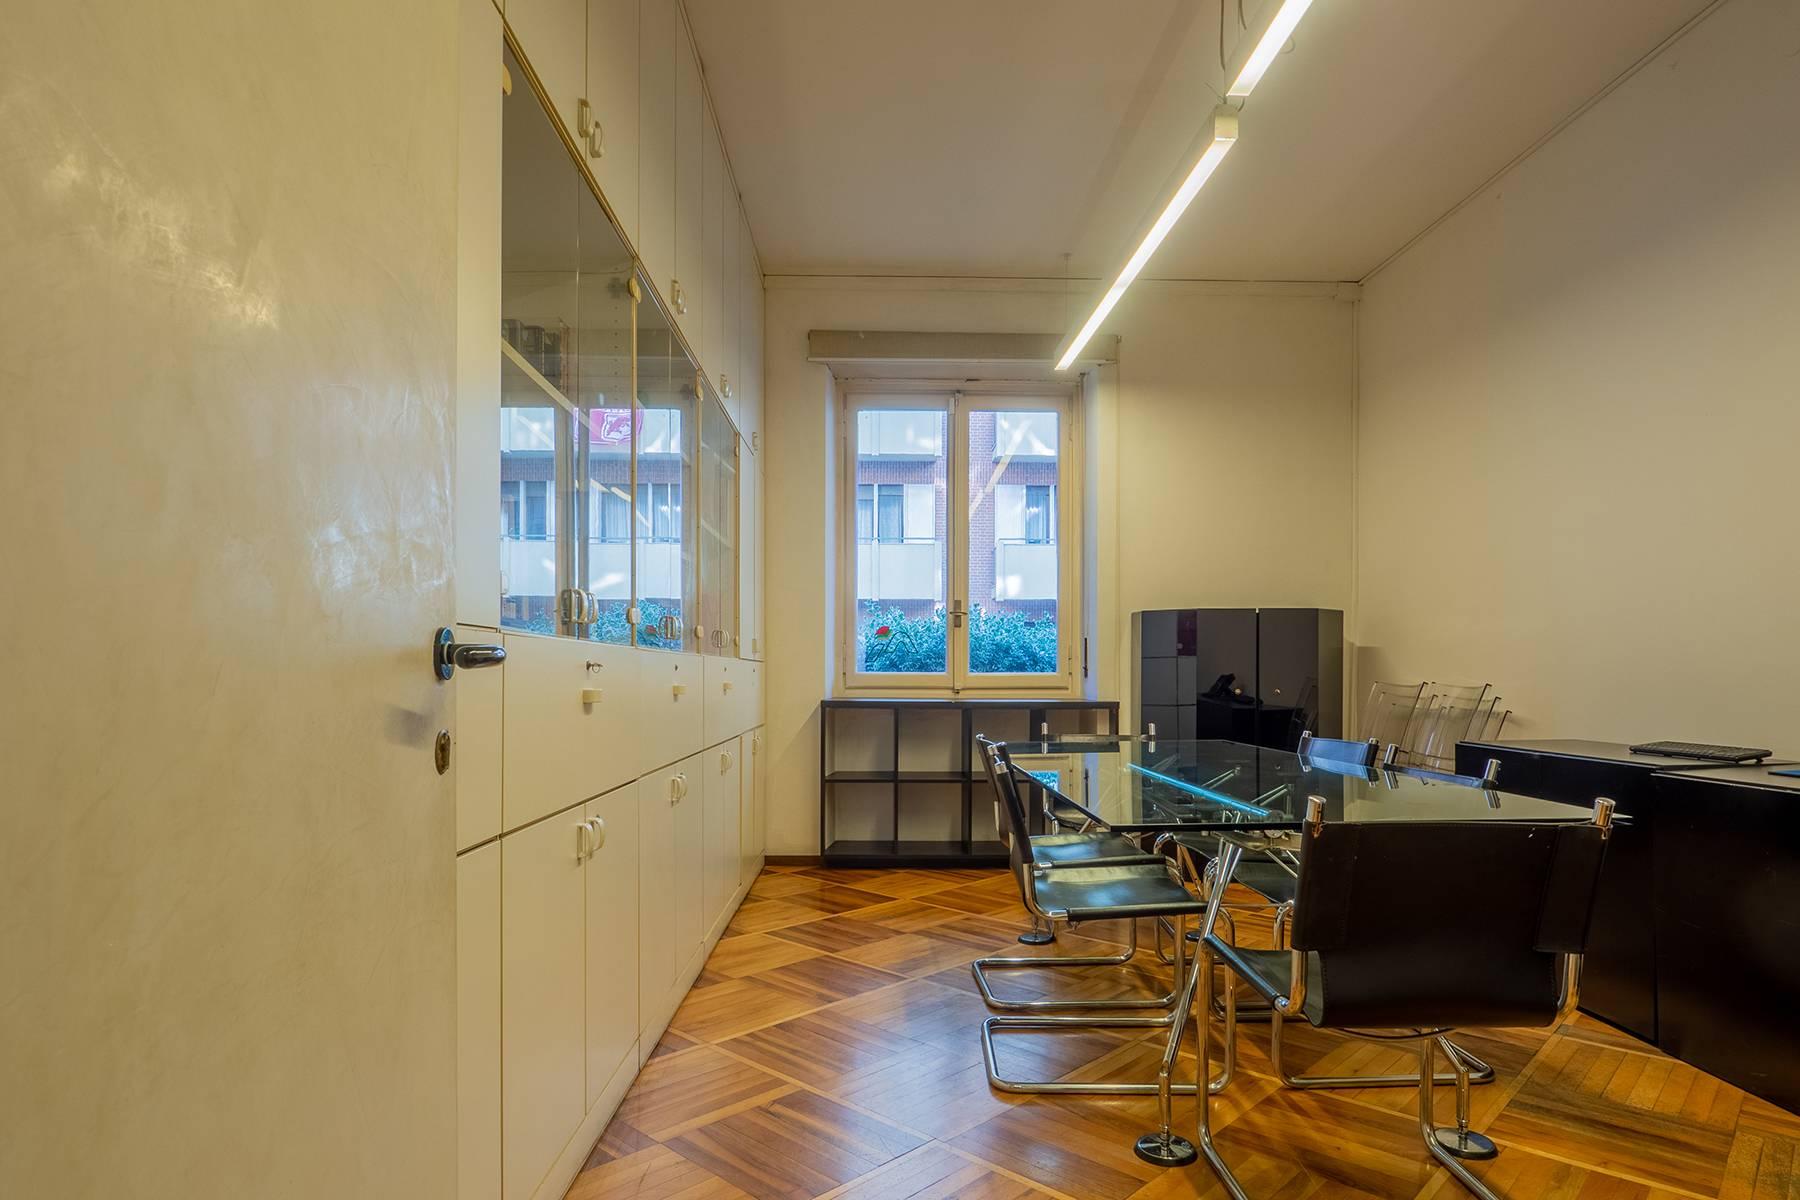 Ufficio-studio in Vendita a Torino: 4 locali, 224 mq - Foto 6